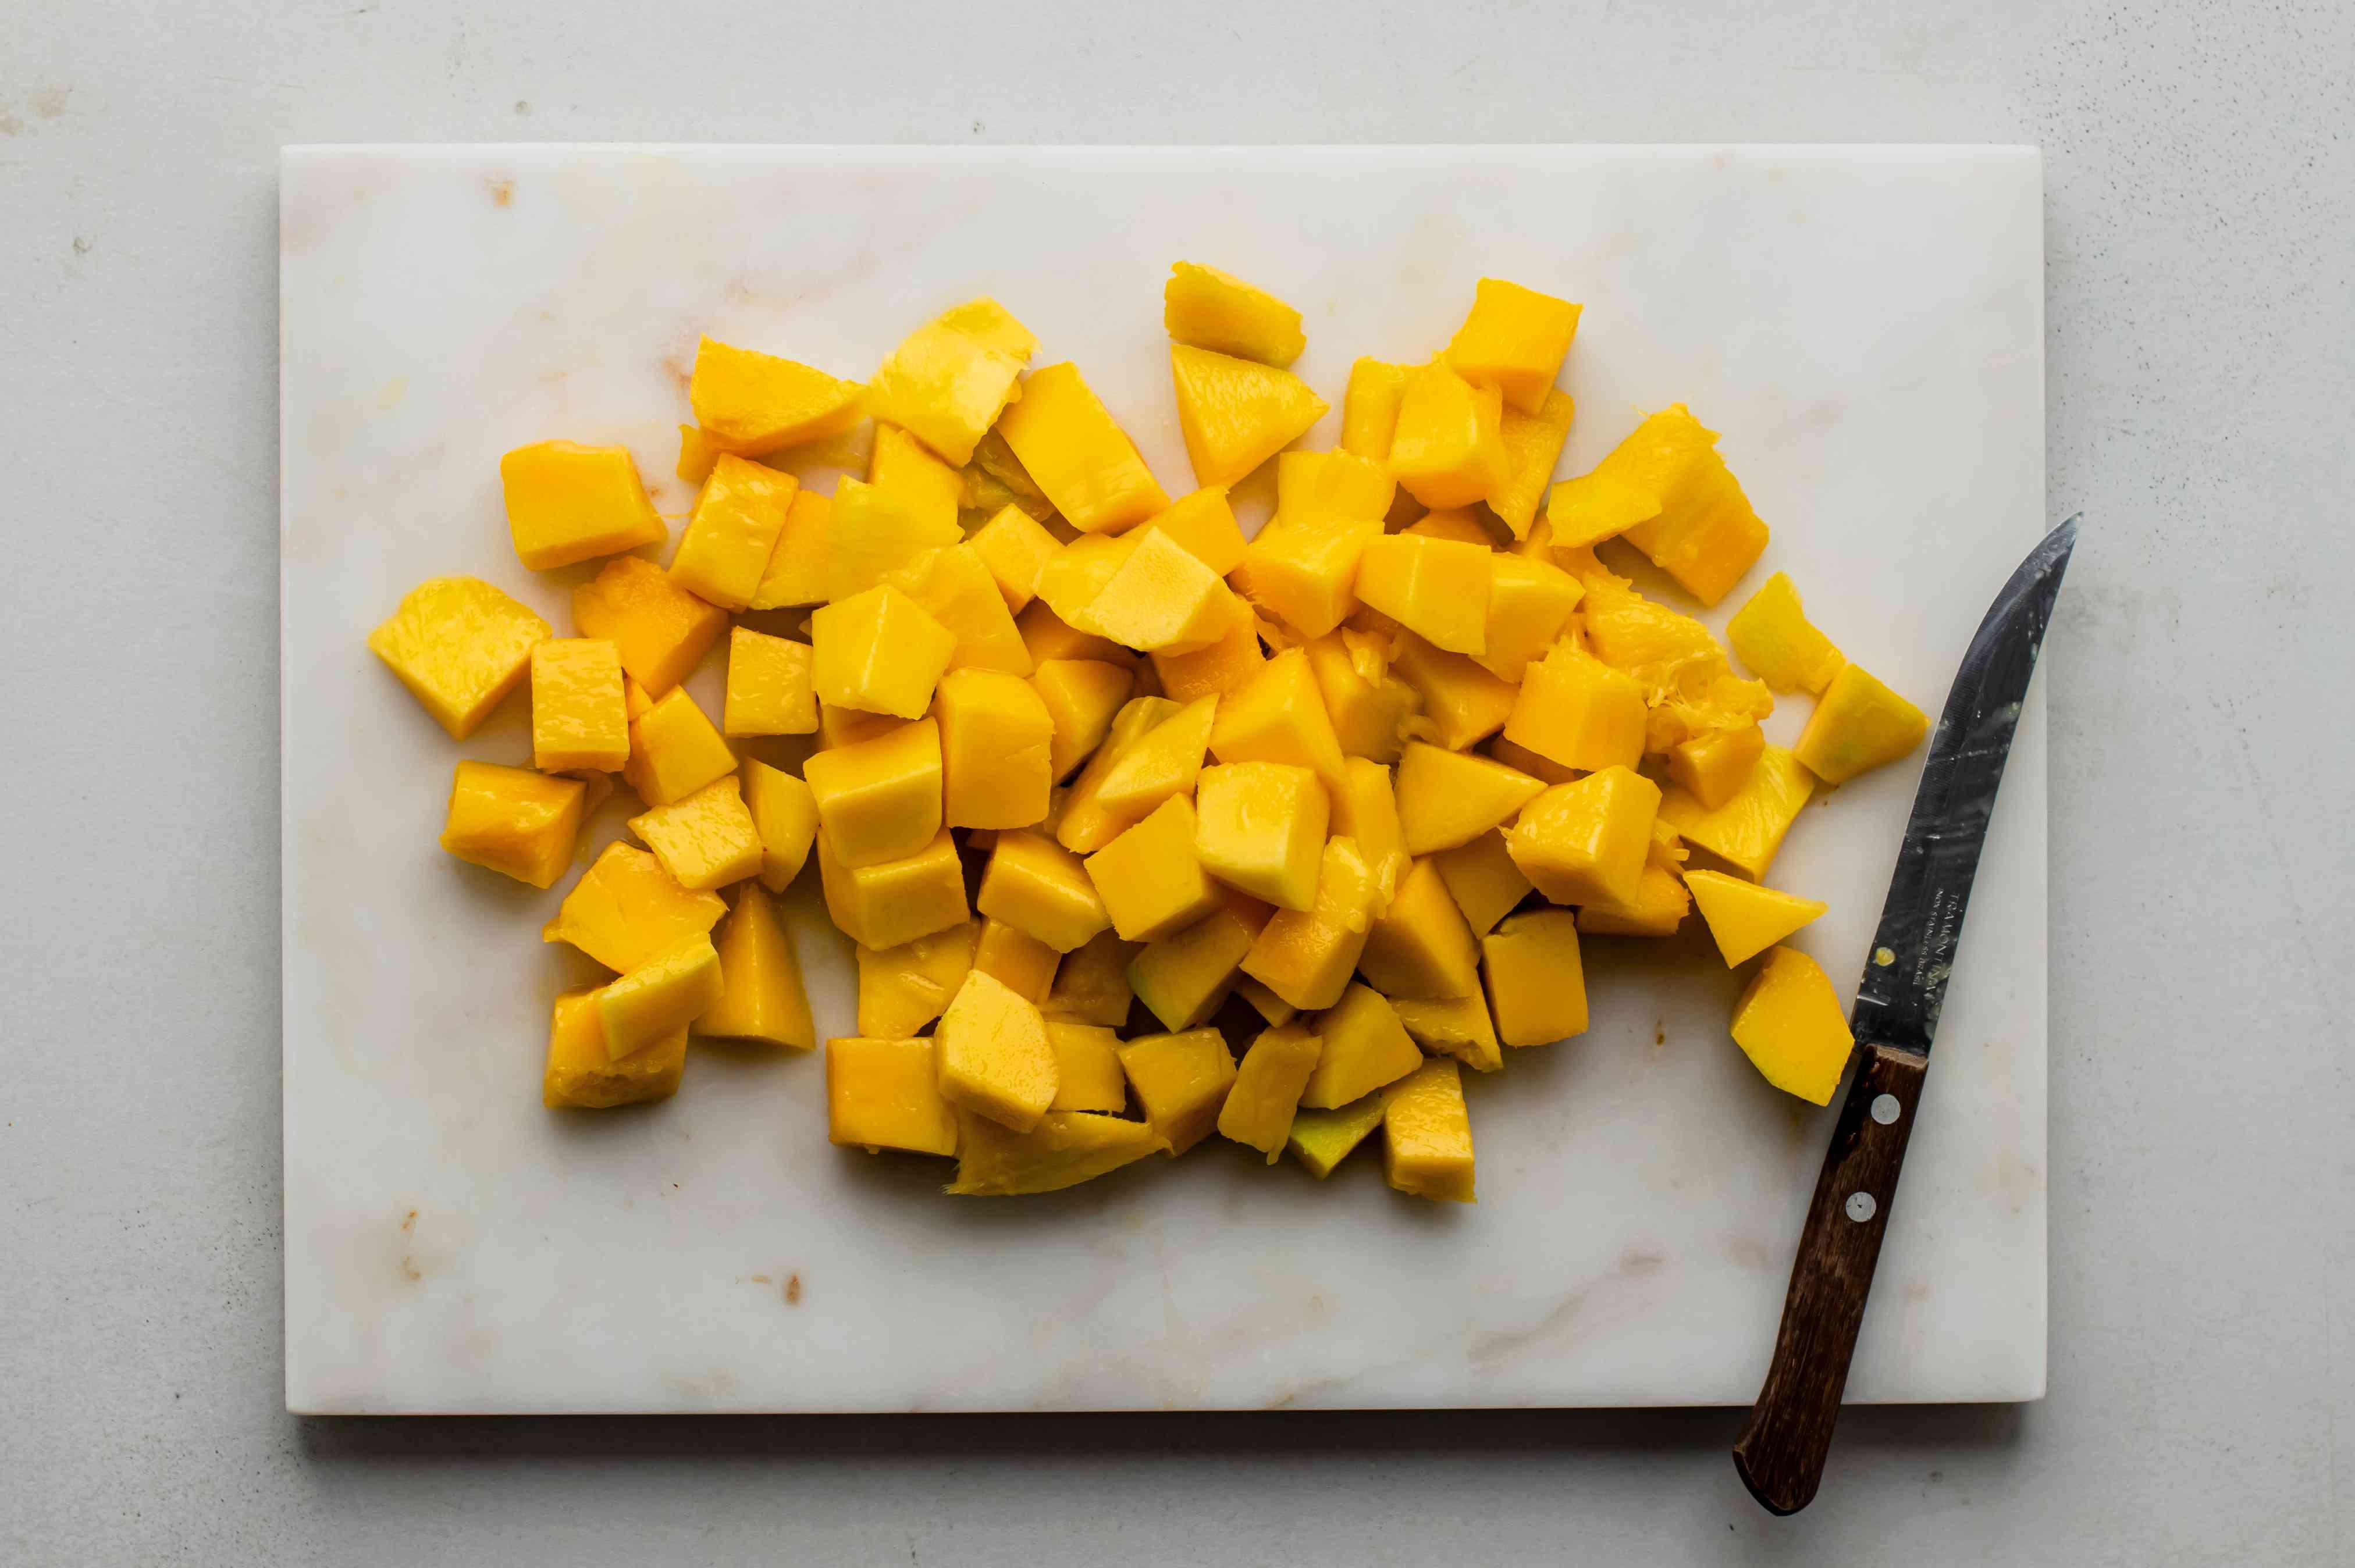 Slice up mango